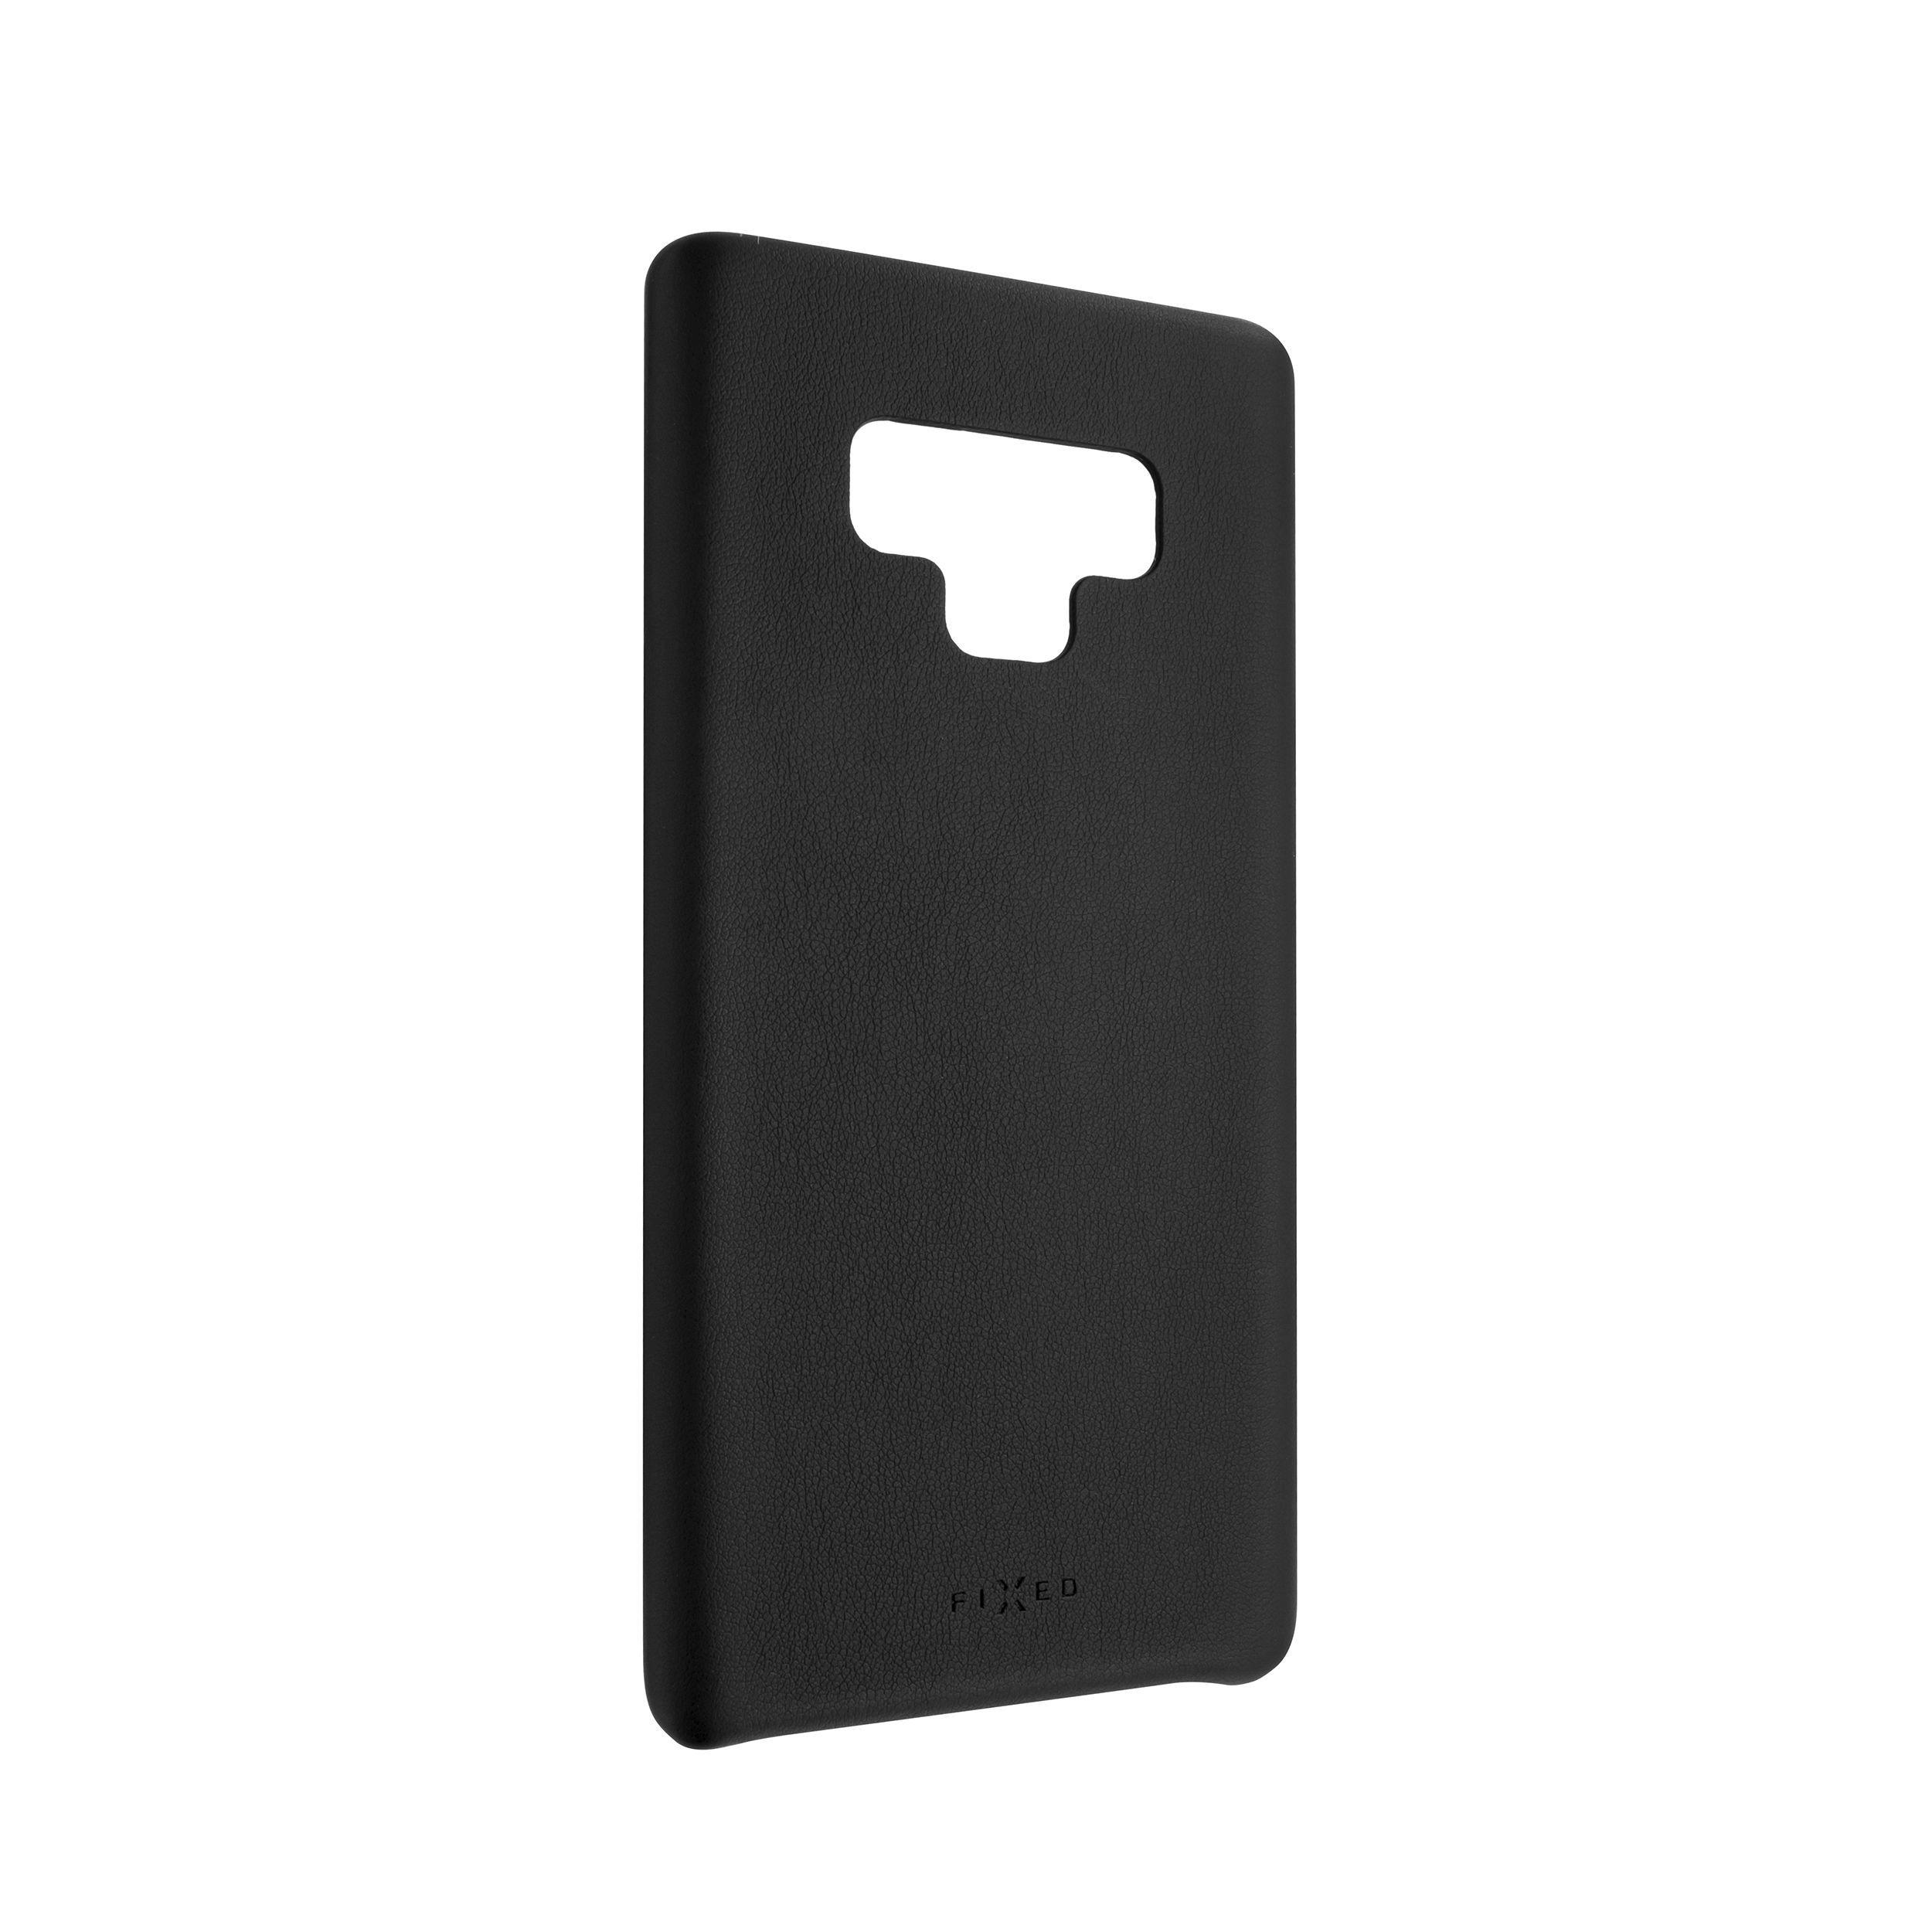 Zadní kryt FIXED Tale pro Samsung Galaxy Note 9, PU kůže, černý